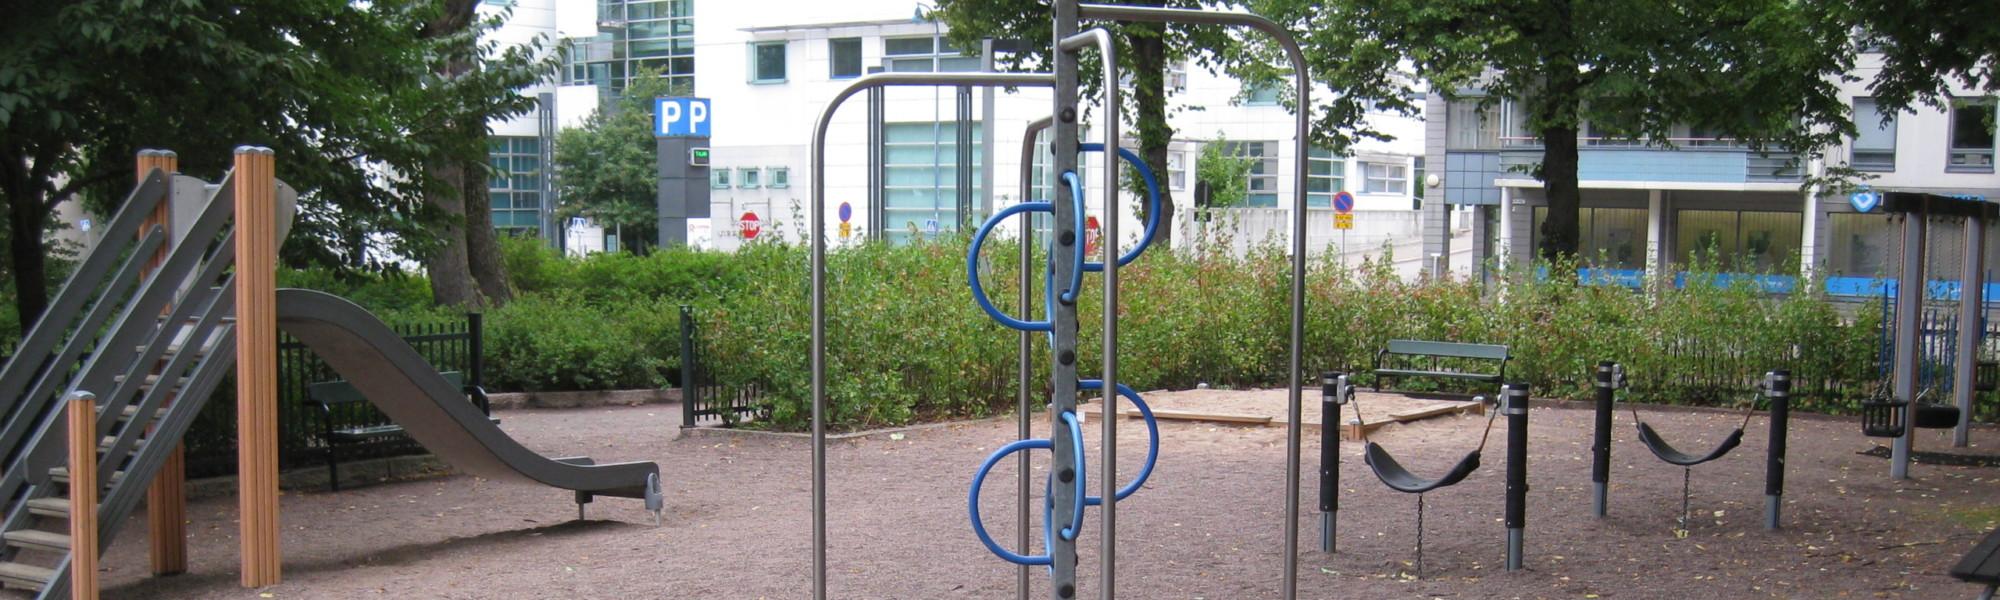 Kuvassa on Valakallionpuiston leikkipaikka